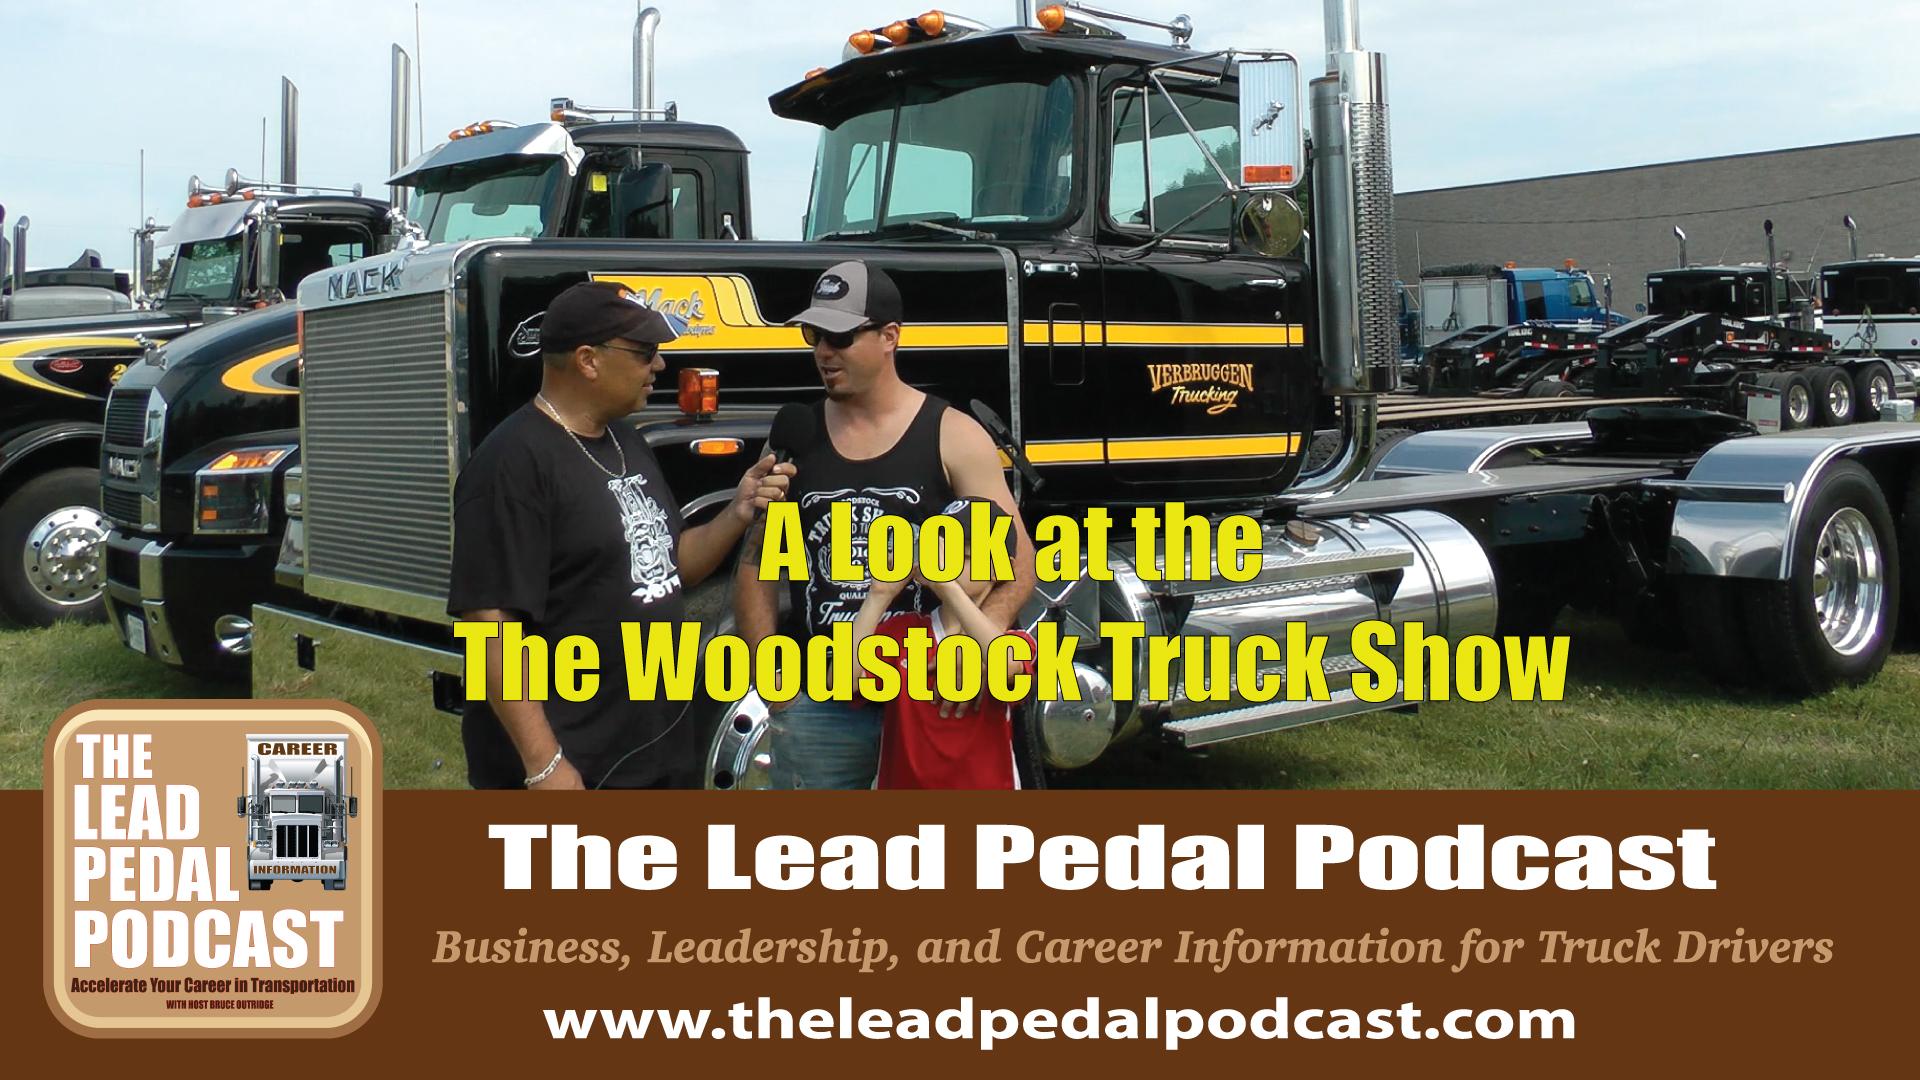 Woodstock Truck show